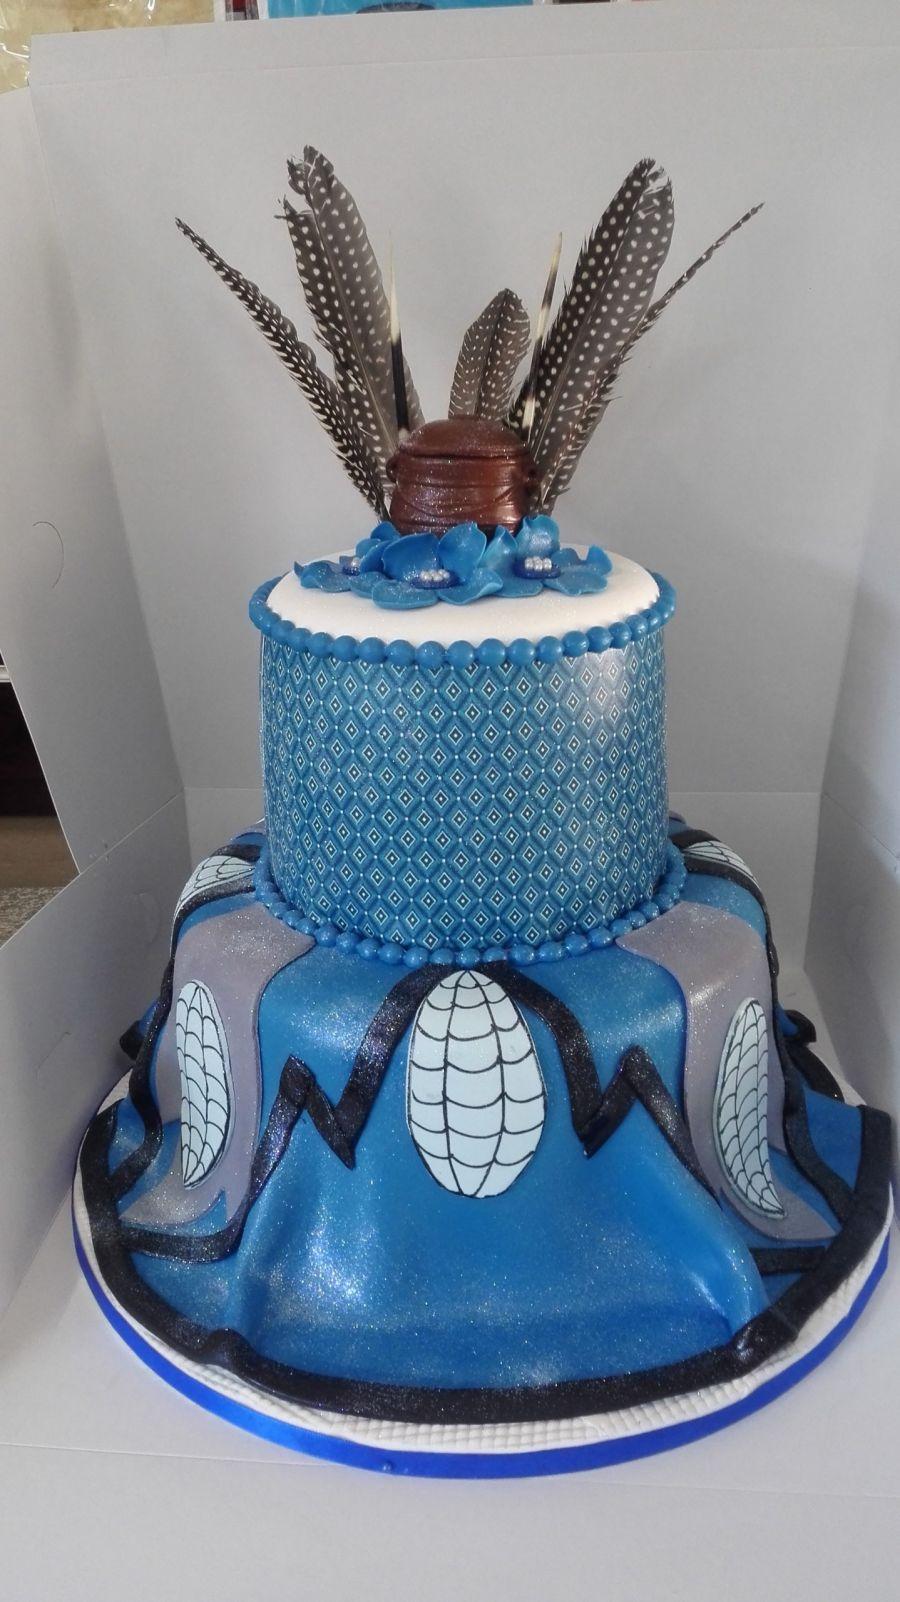 Raphael SA's Cakeboss Bakery in Glenvista Johannesburg Gauteng